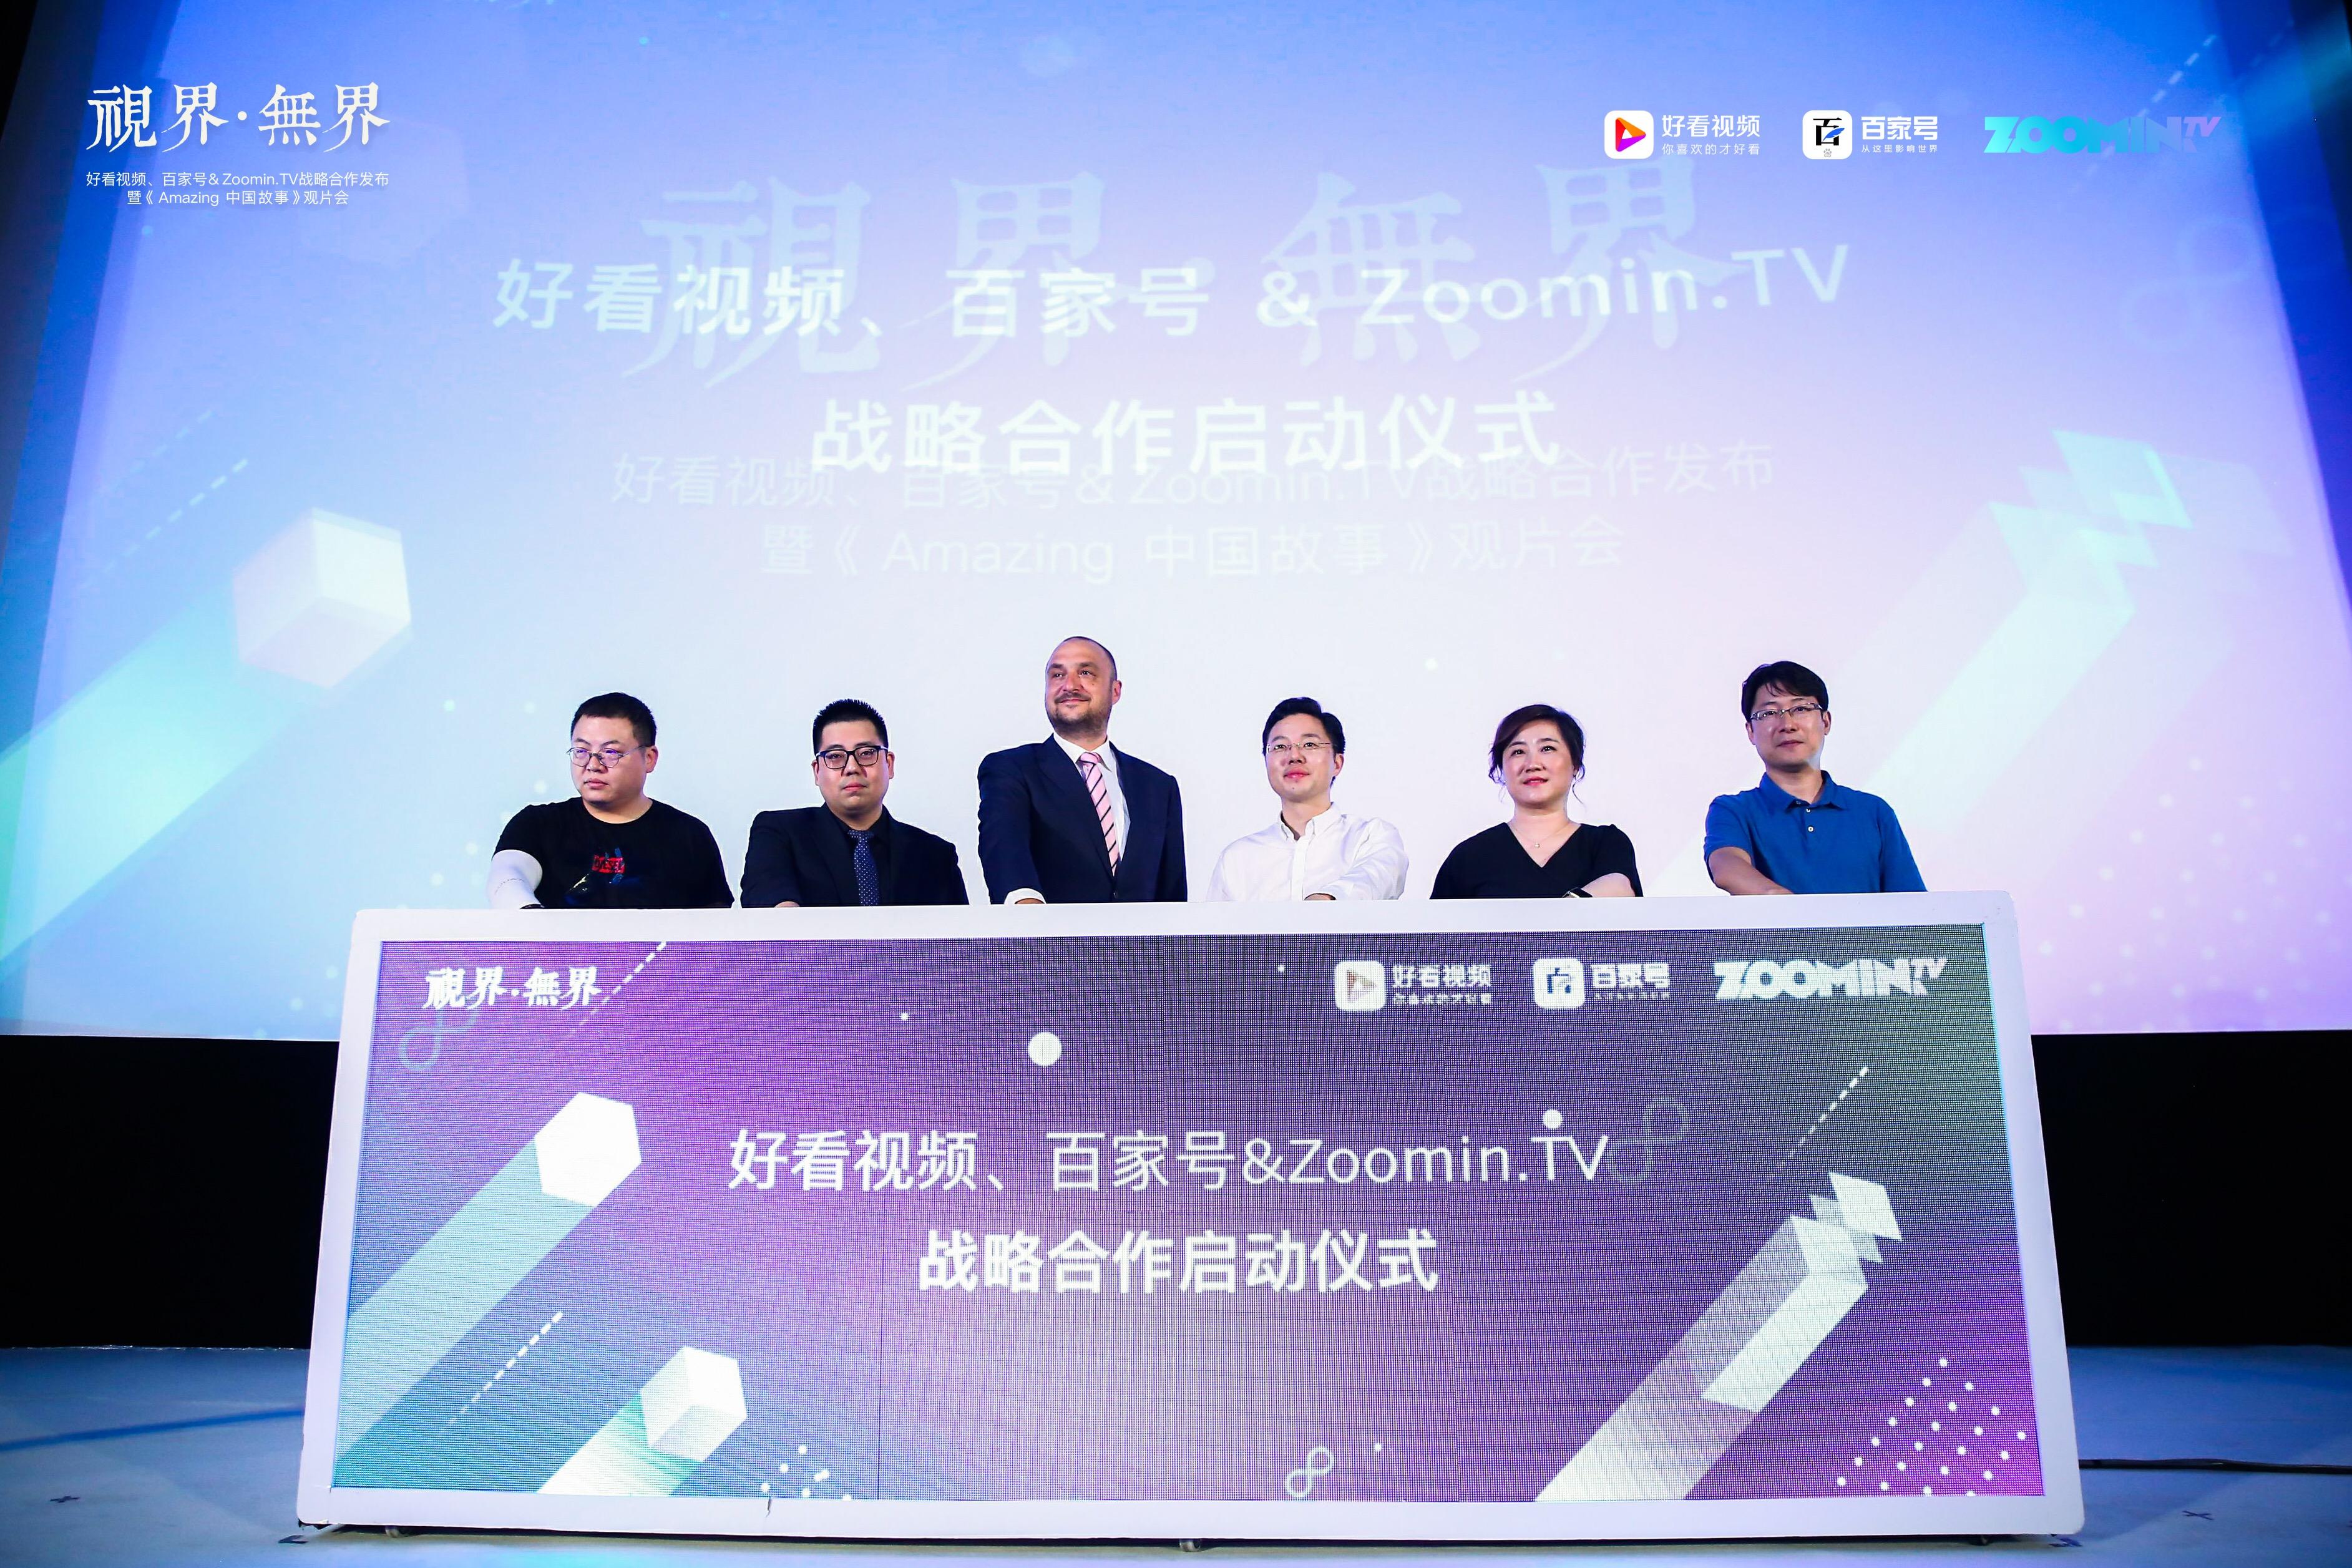 百家号与Zoomin.TV联合出品《Amazing中国故事》